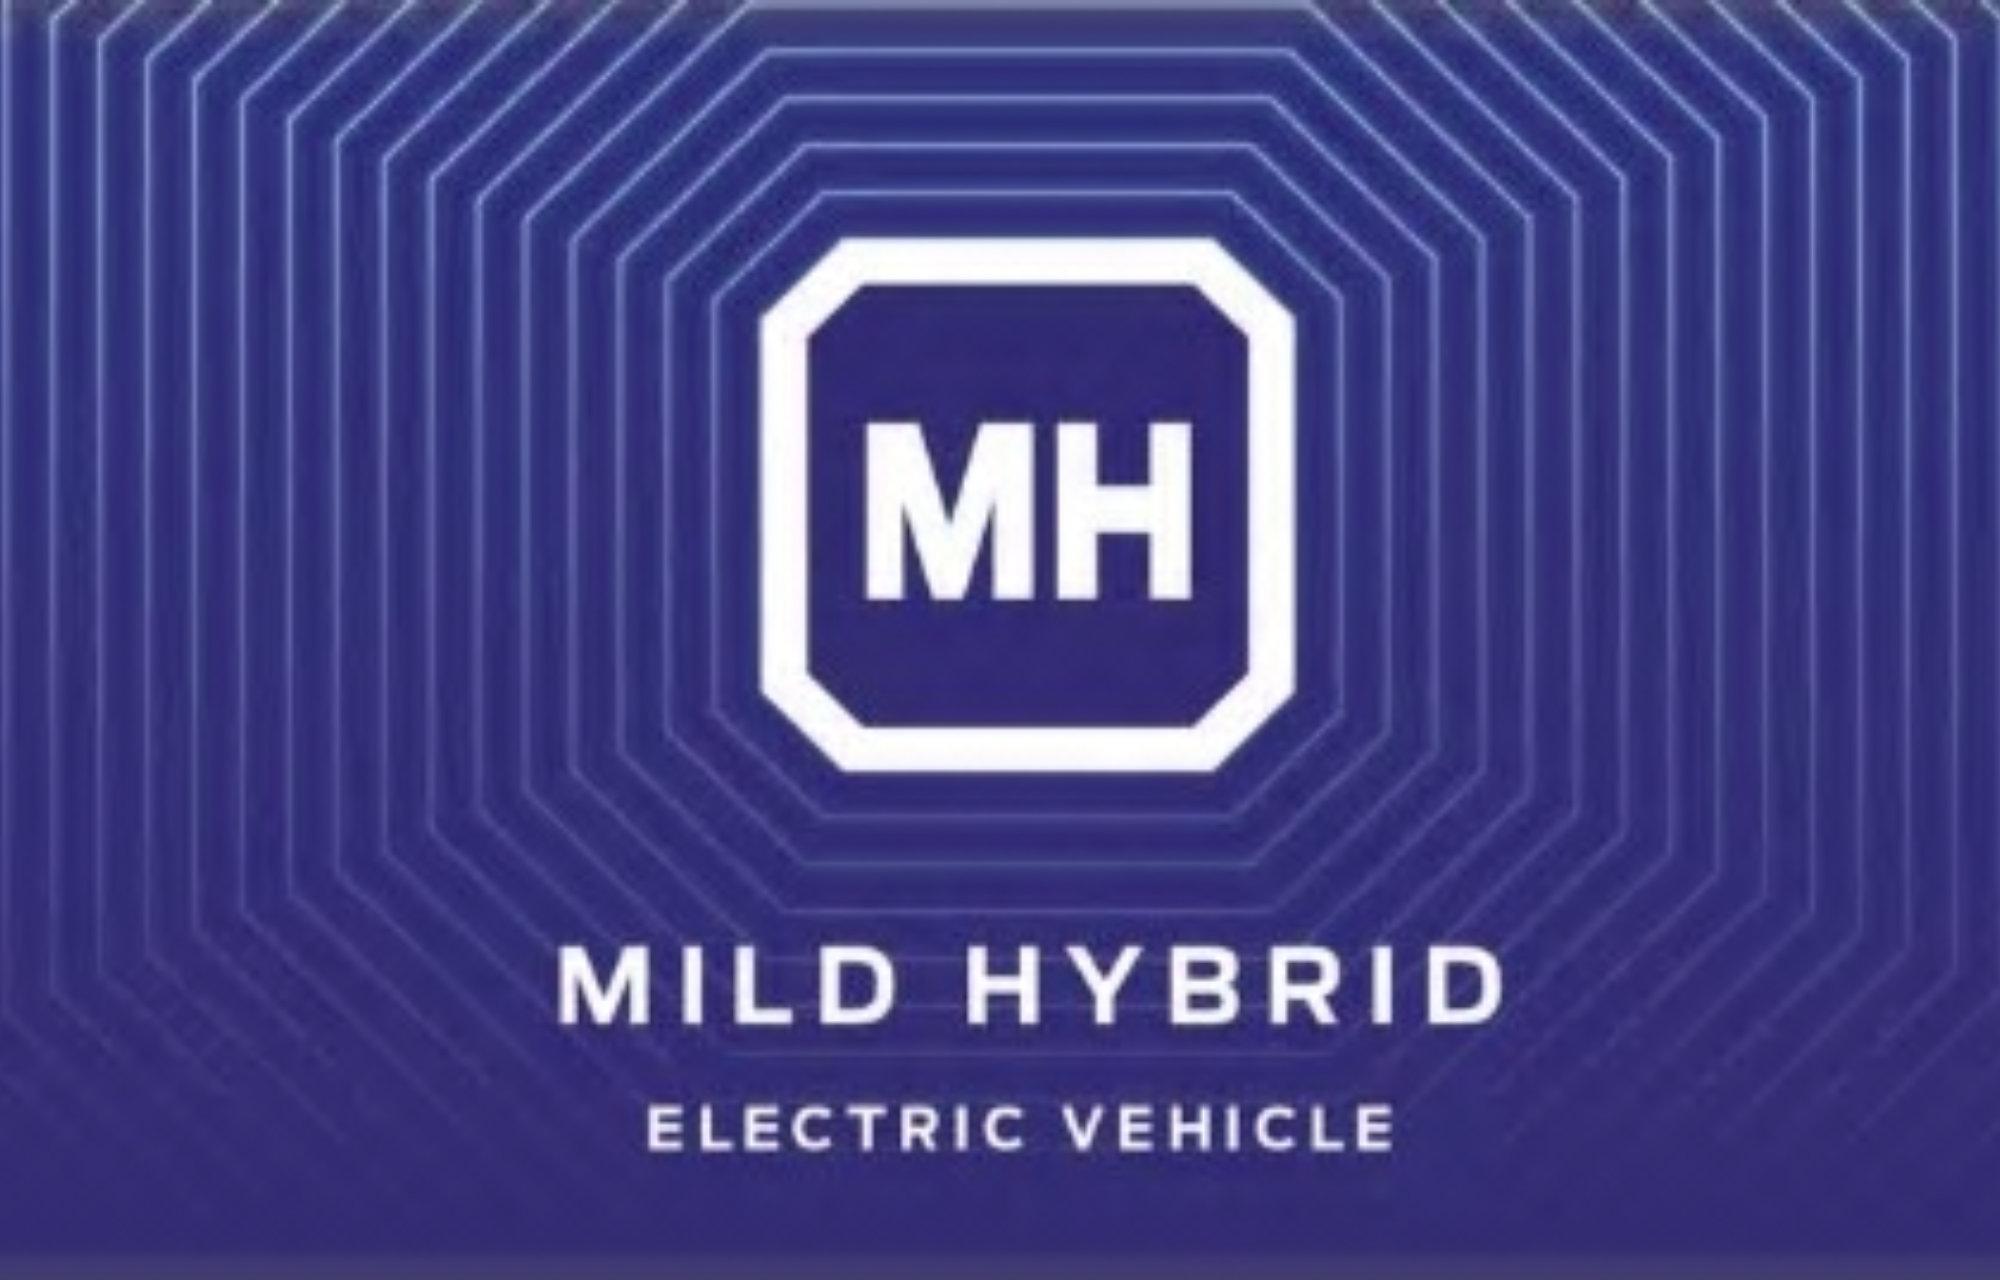 Mild-hybrid